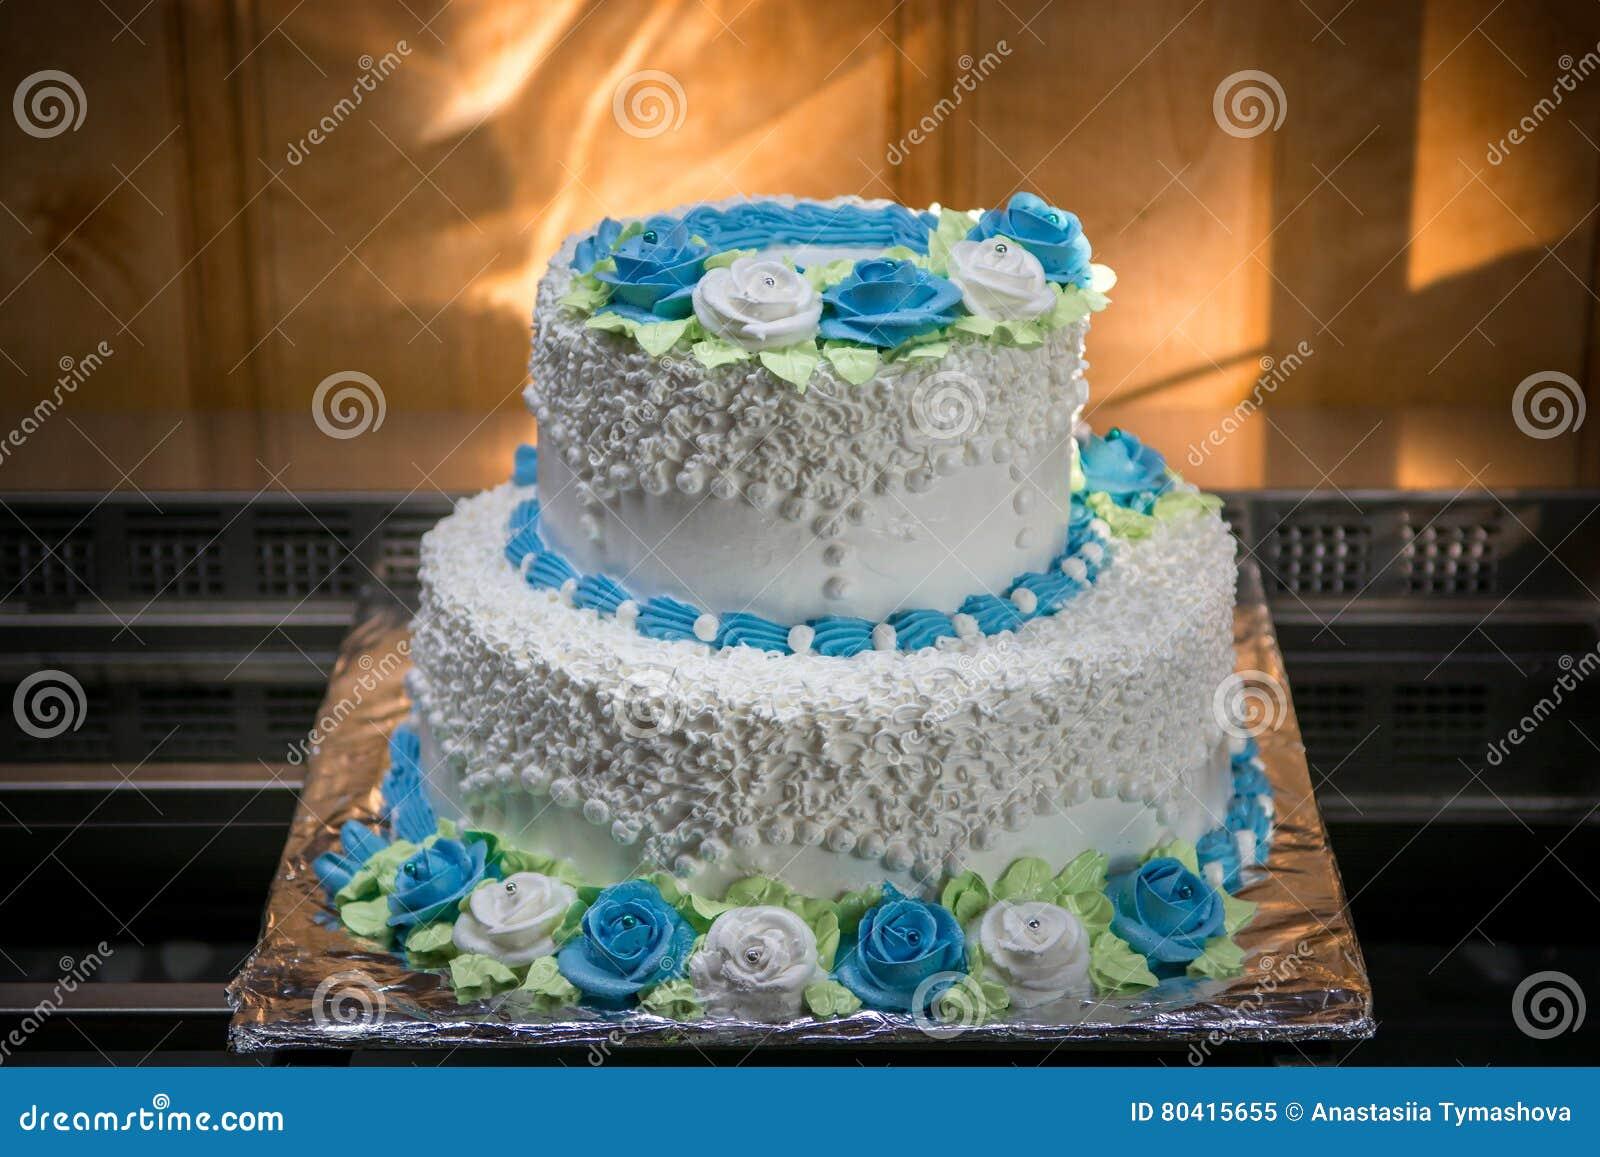 Grosse Hochzeitstorte Mit Blauen Blumen Stockbild Bild Von Floral